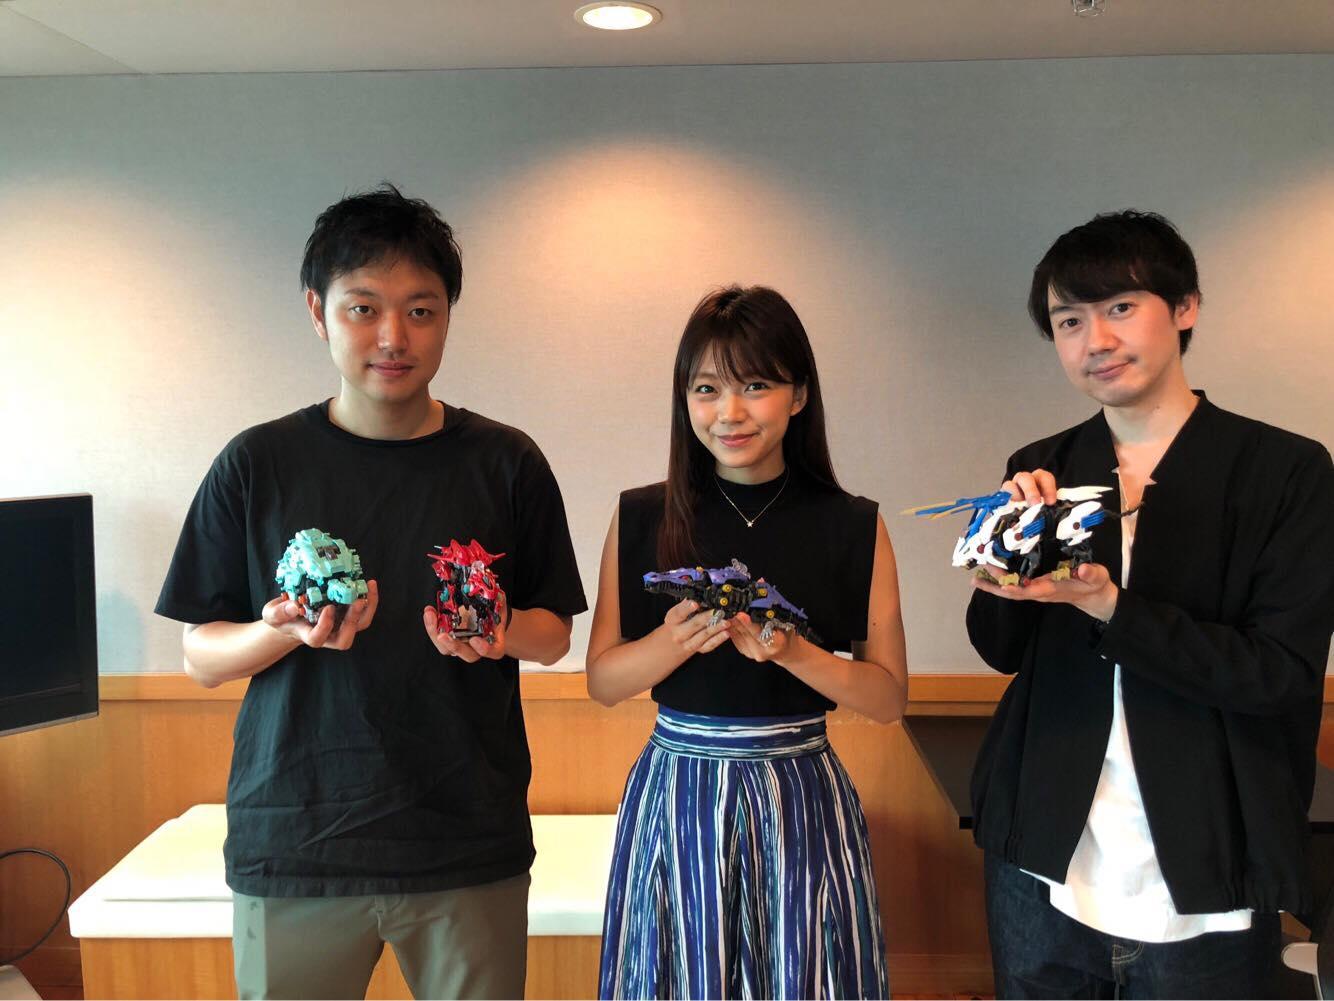 『ゾイドワイルド』のラジオ番組「ゾイドワイルド~本能解放ラジオ~」が放送開始! 声優陣が入れ替わりで出演し、様々なコーナーに挑戦